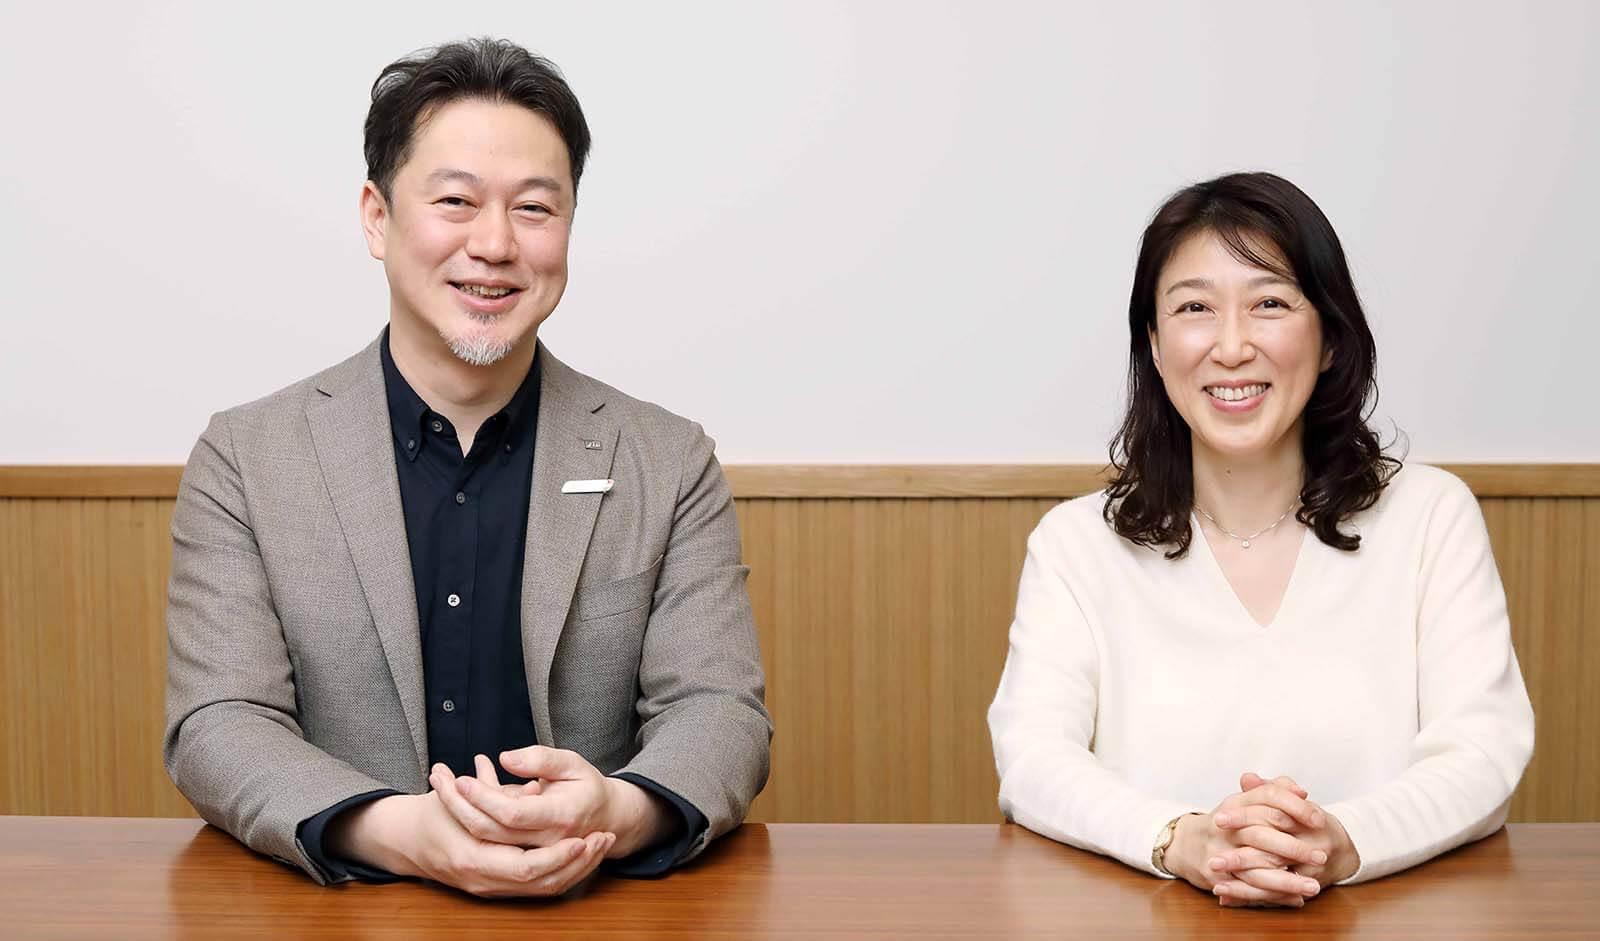 株式会社JTB 福田氏、山上氏